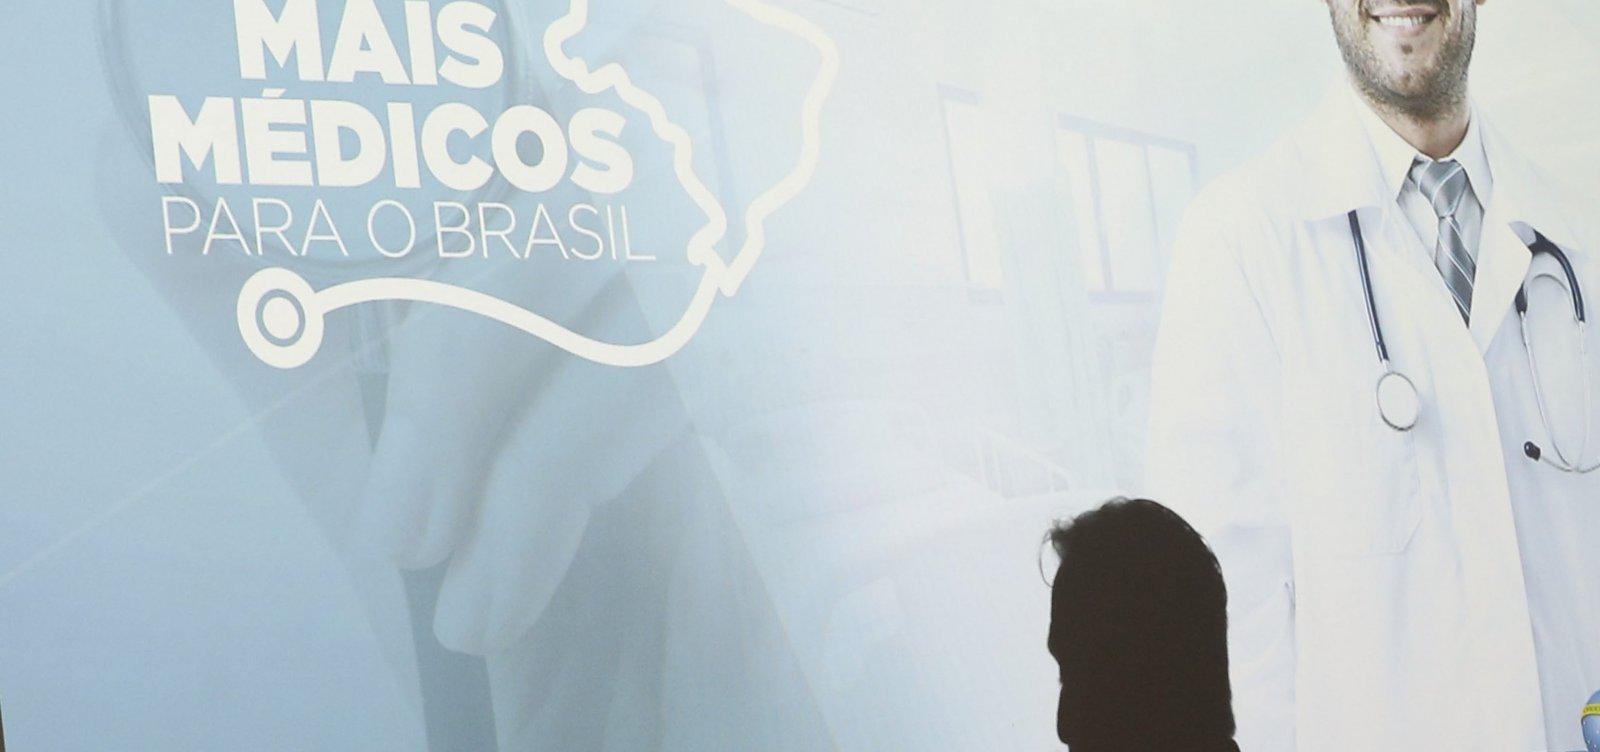 [Mais Médicos para o Brasil: nomes e locais de trabalho são publicados]